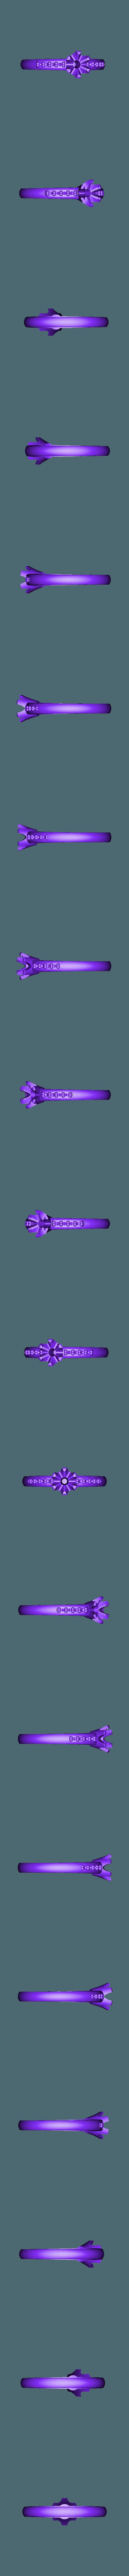 Ring.stl Télécharger fichier STL gratuit Bague simple 001 • Objet à imprimer en 3D, Golden-Snake